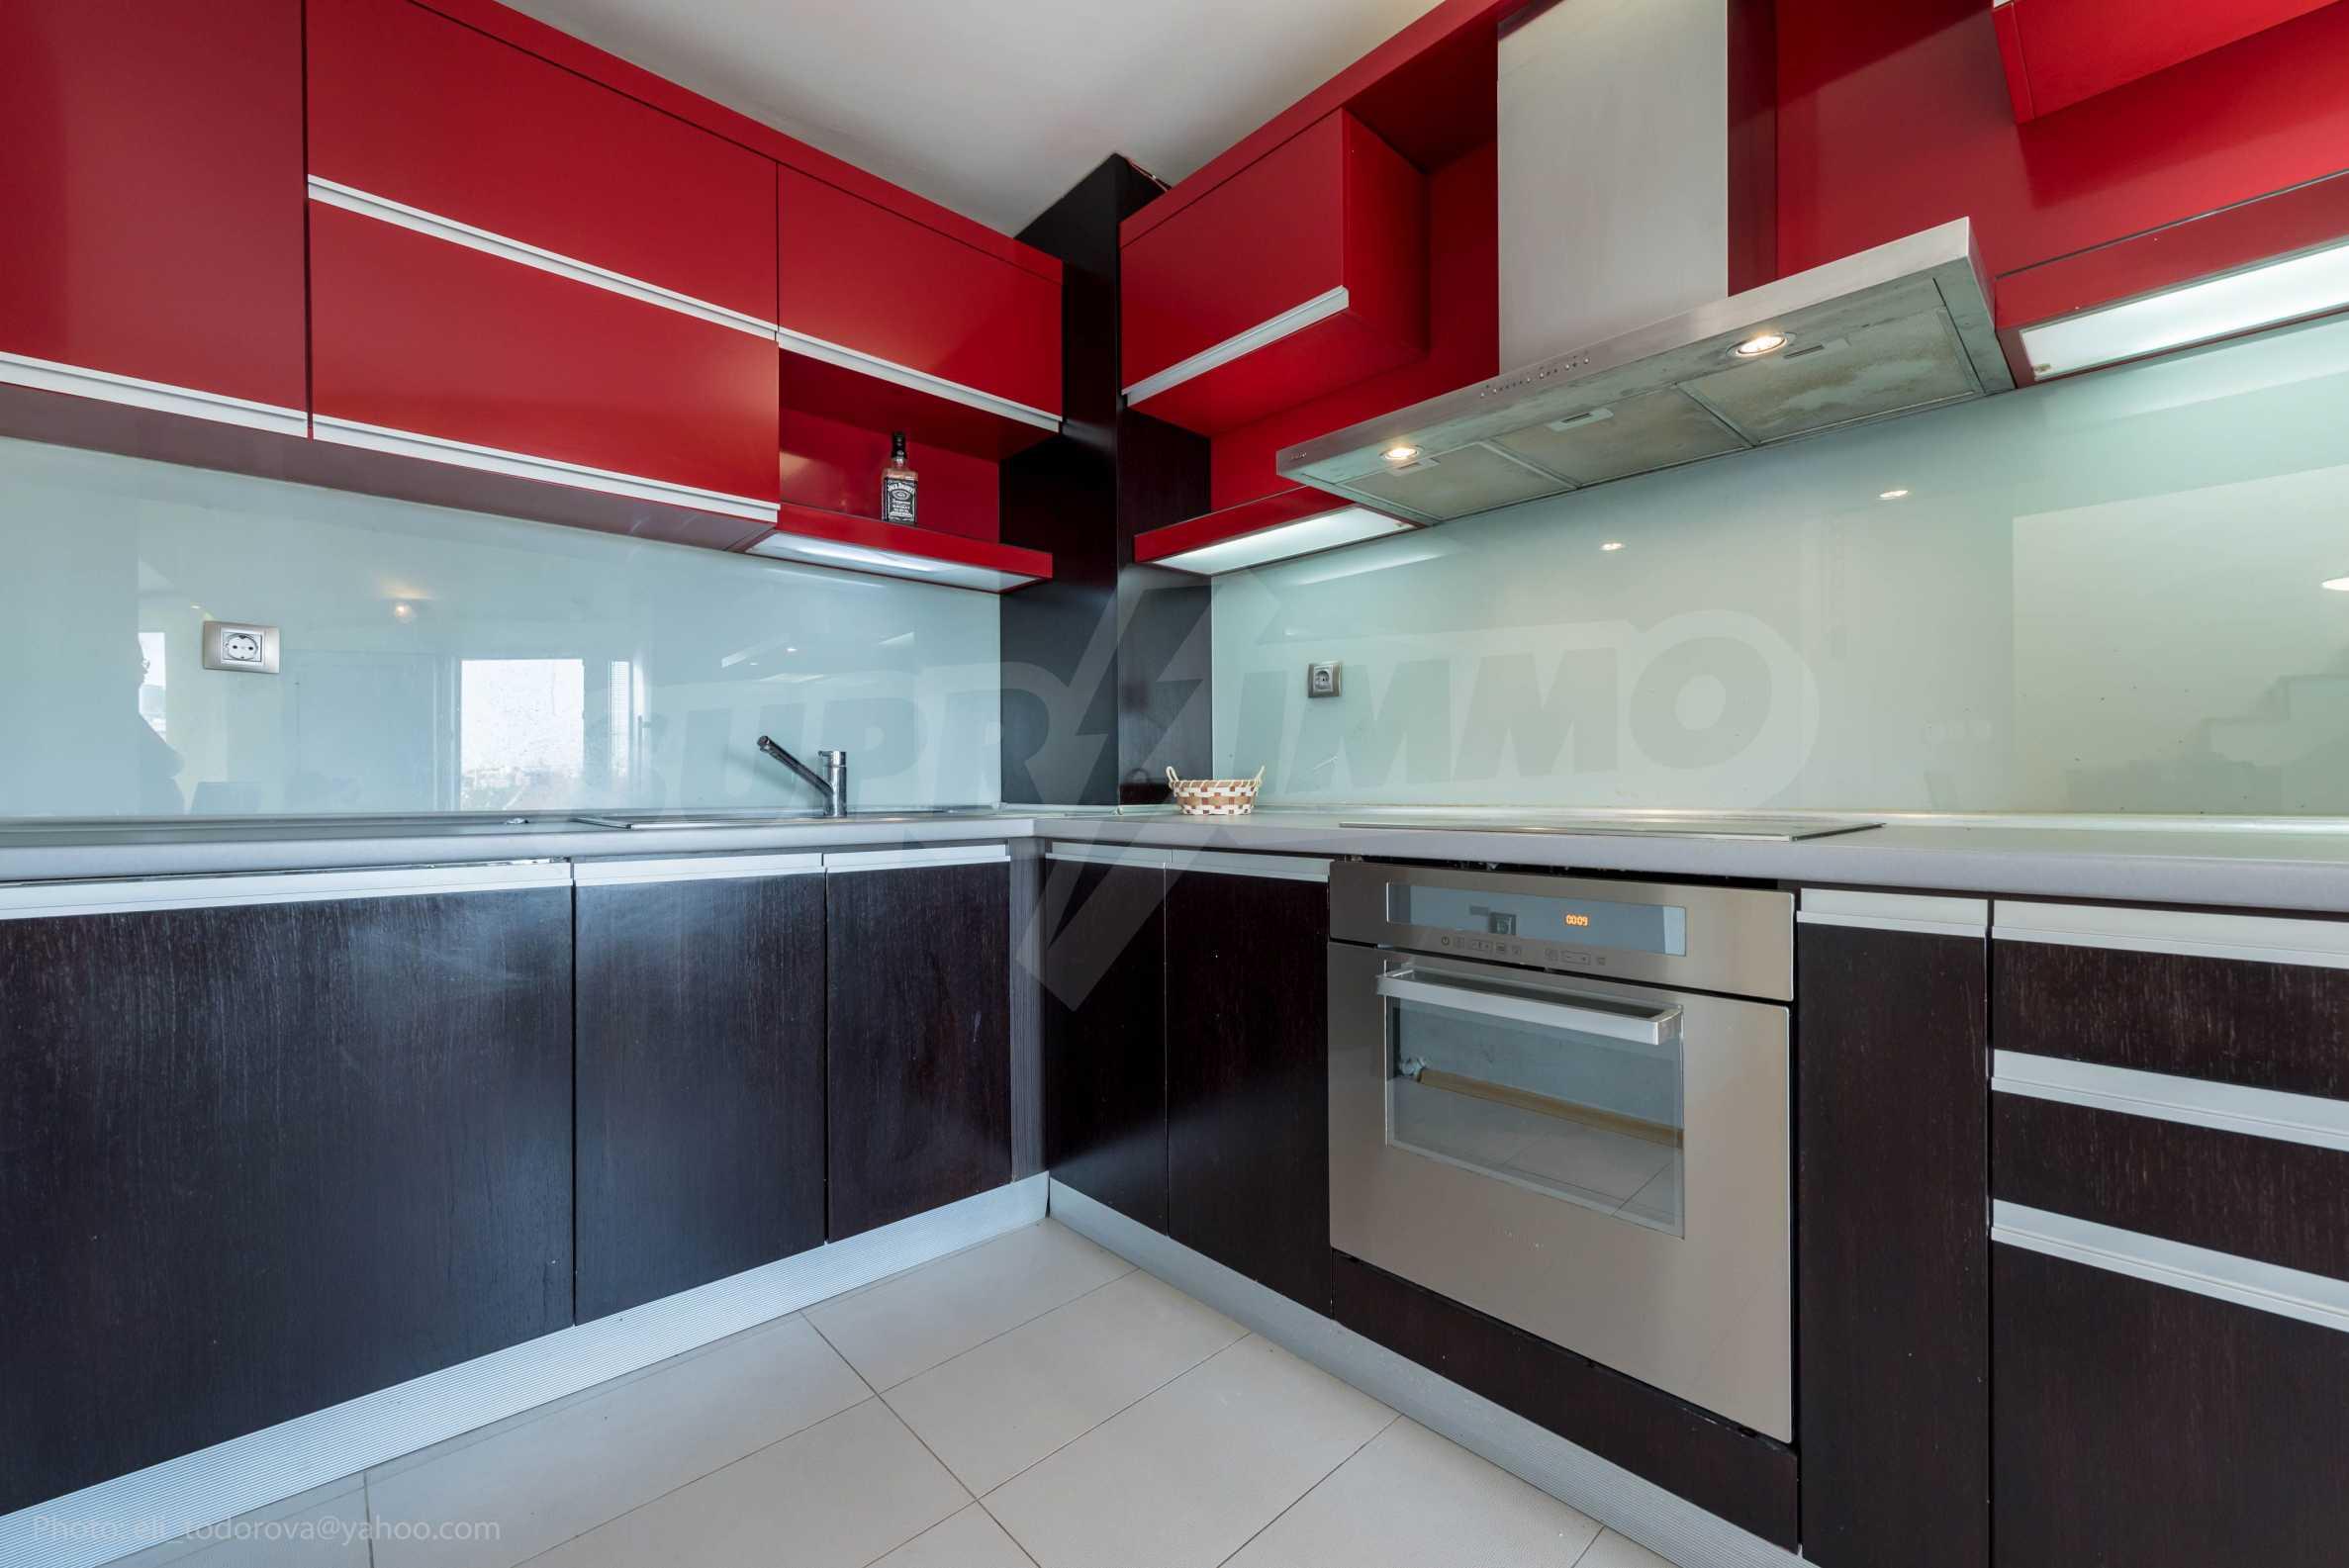 Квартира «Миша» - отличная трехкомнатная недвижимость в идеальном центре. 6